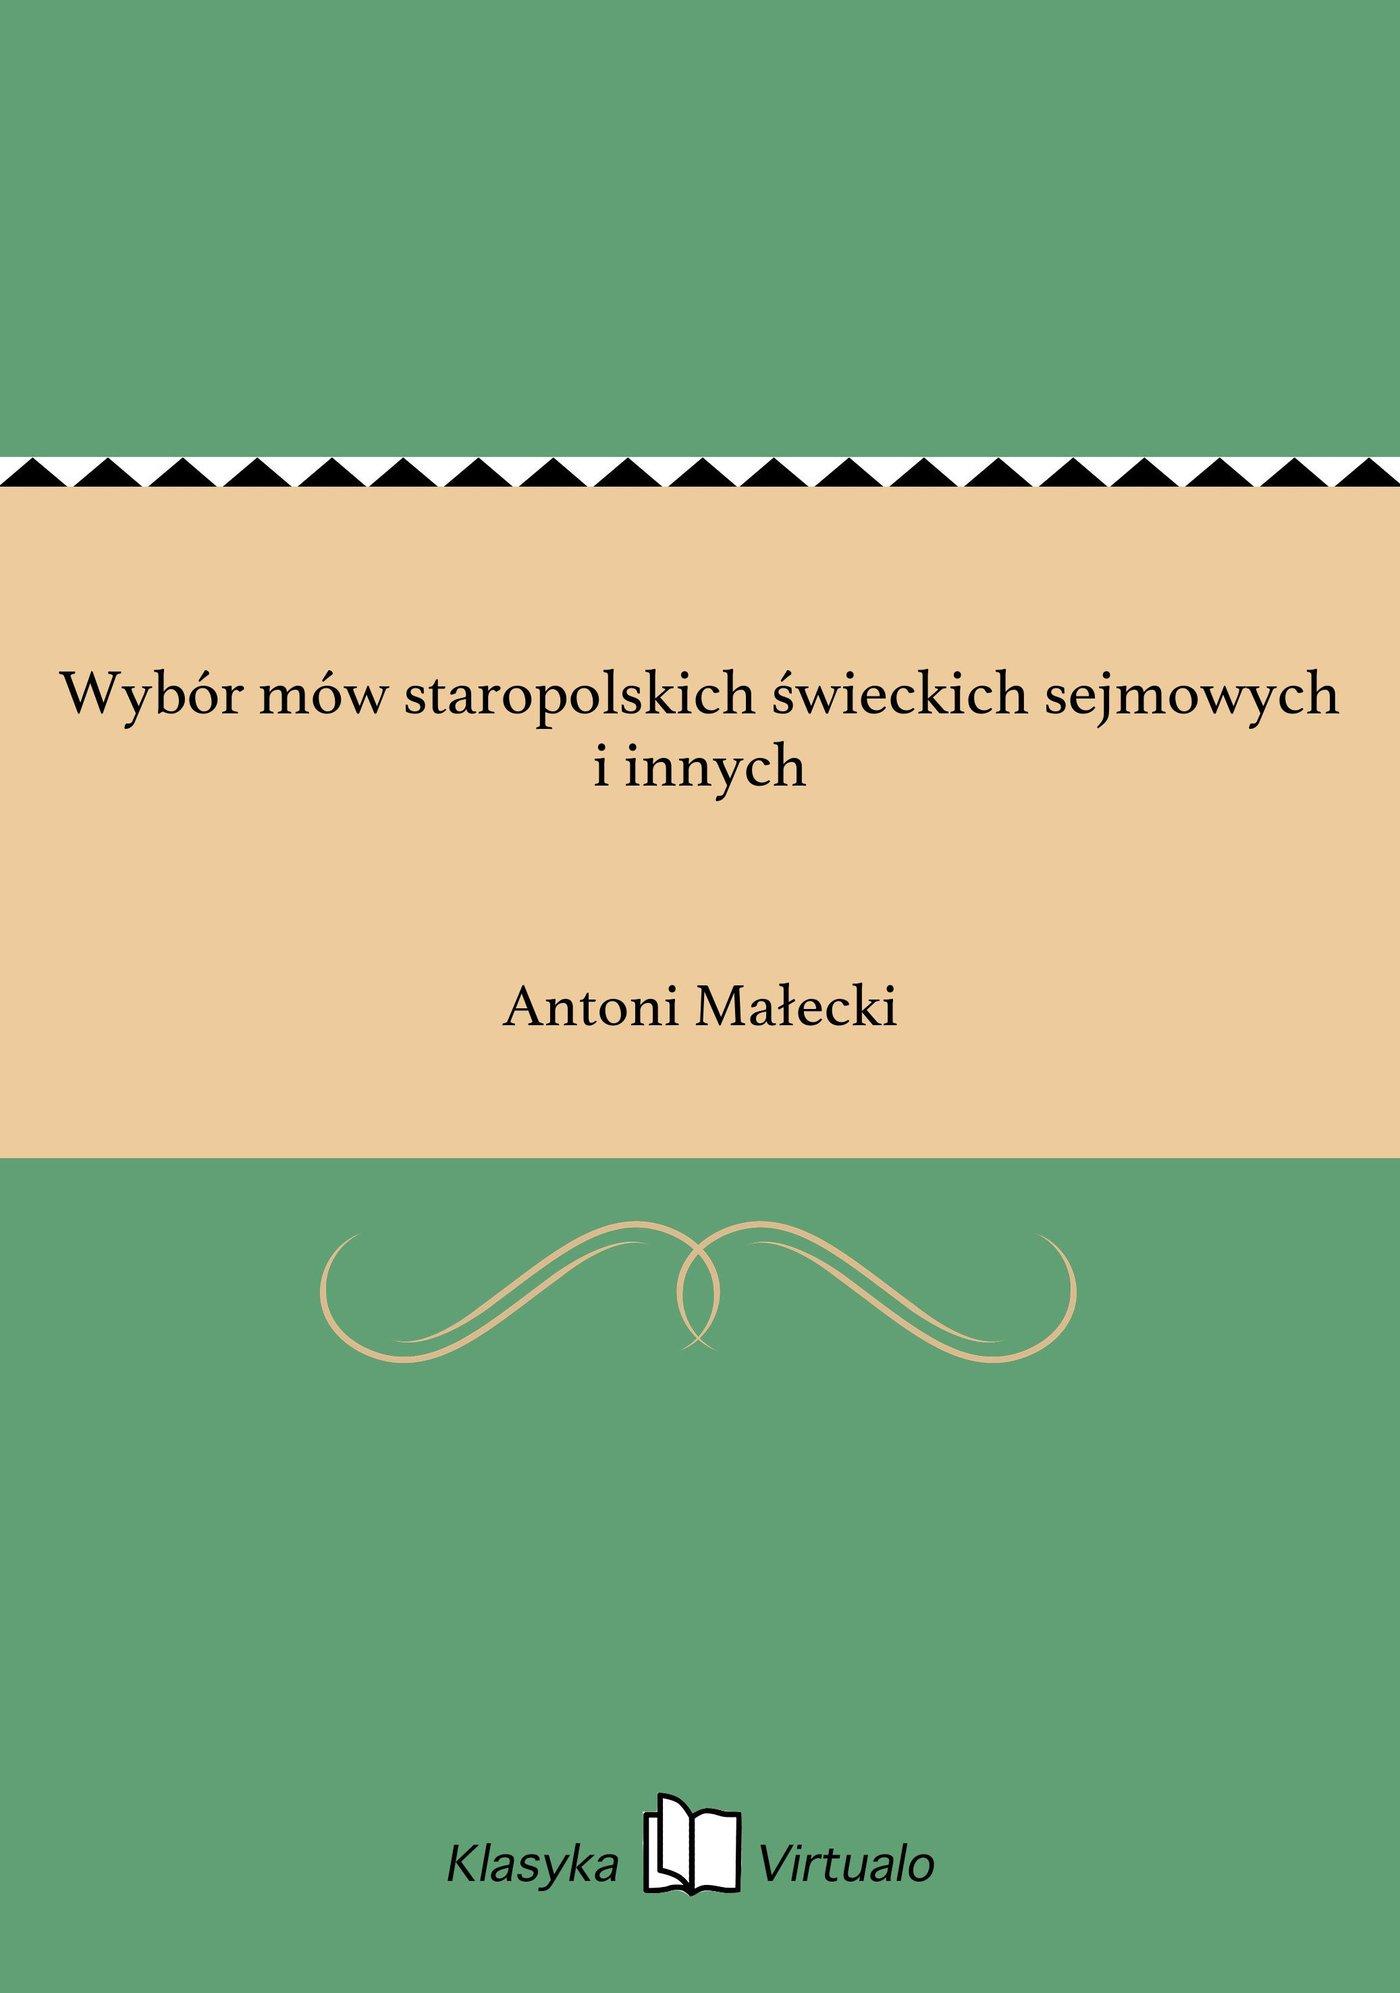 Wybór mów staropolskich świeckich sejmowych i innych - Ebook (Książka EPUB) do pobrania w formacie EPUB